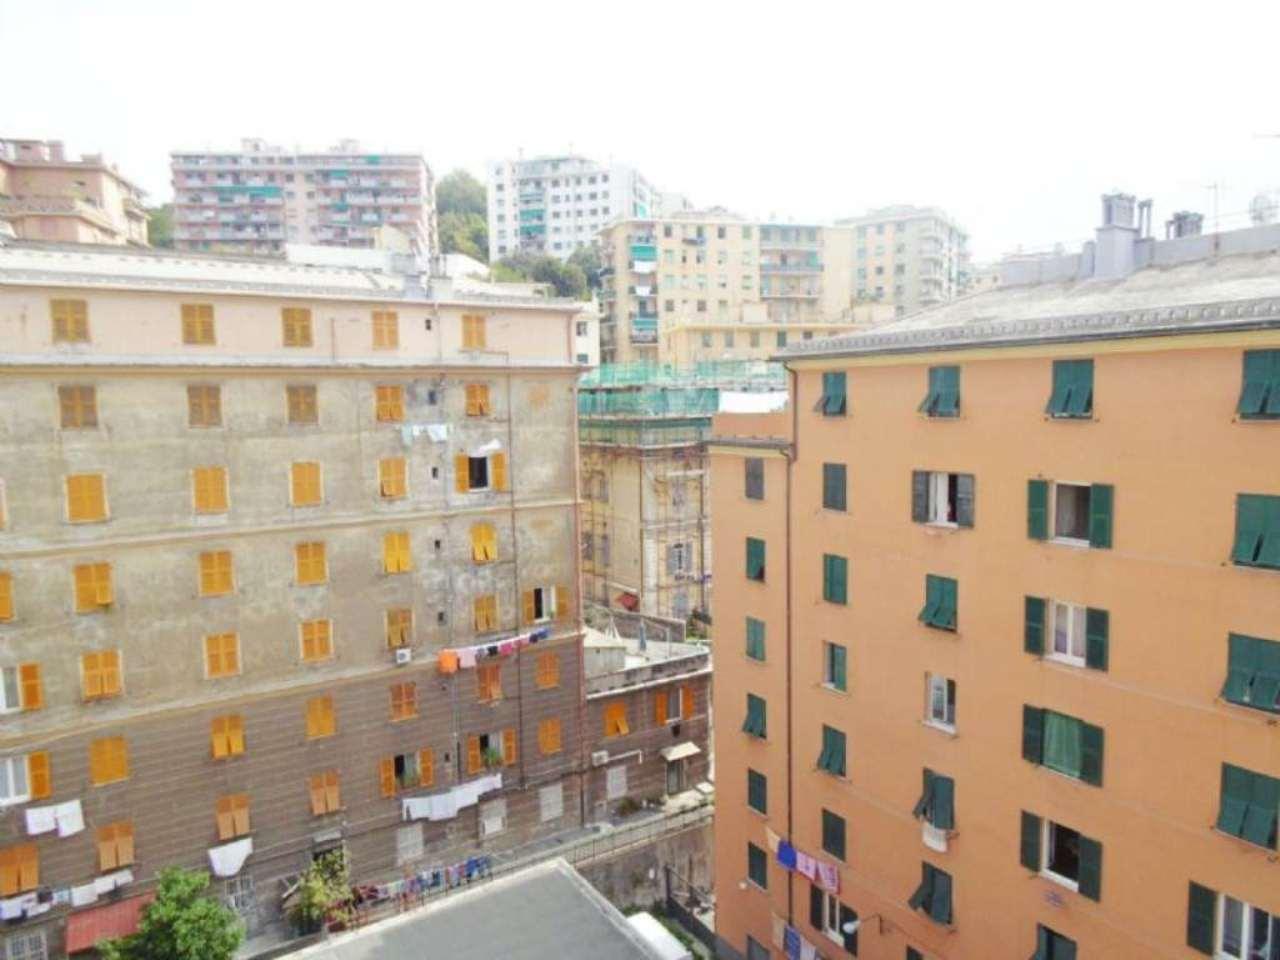 Bilocale Genova Piazza Ghiglione 11